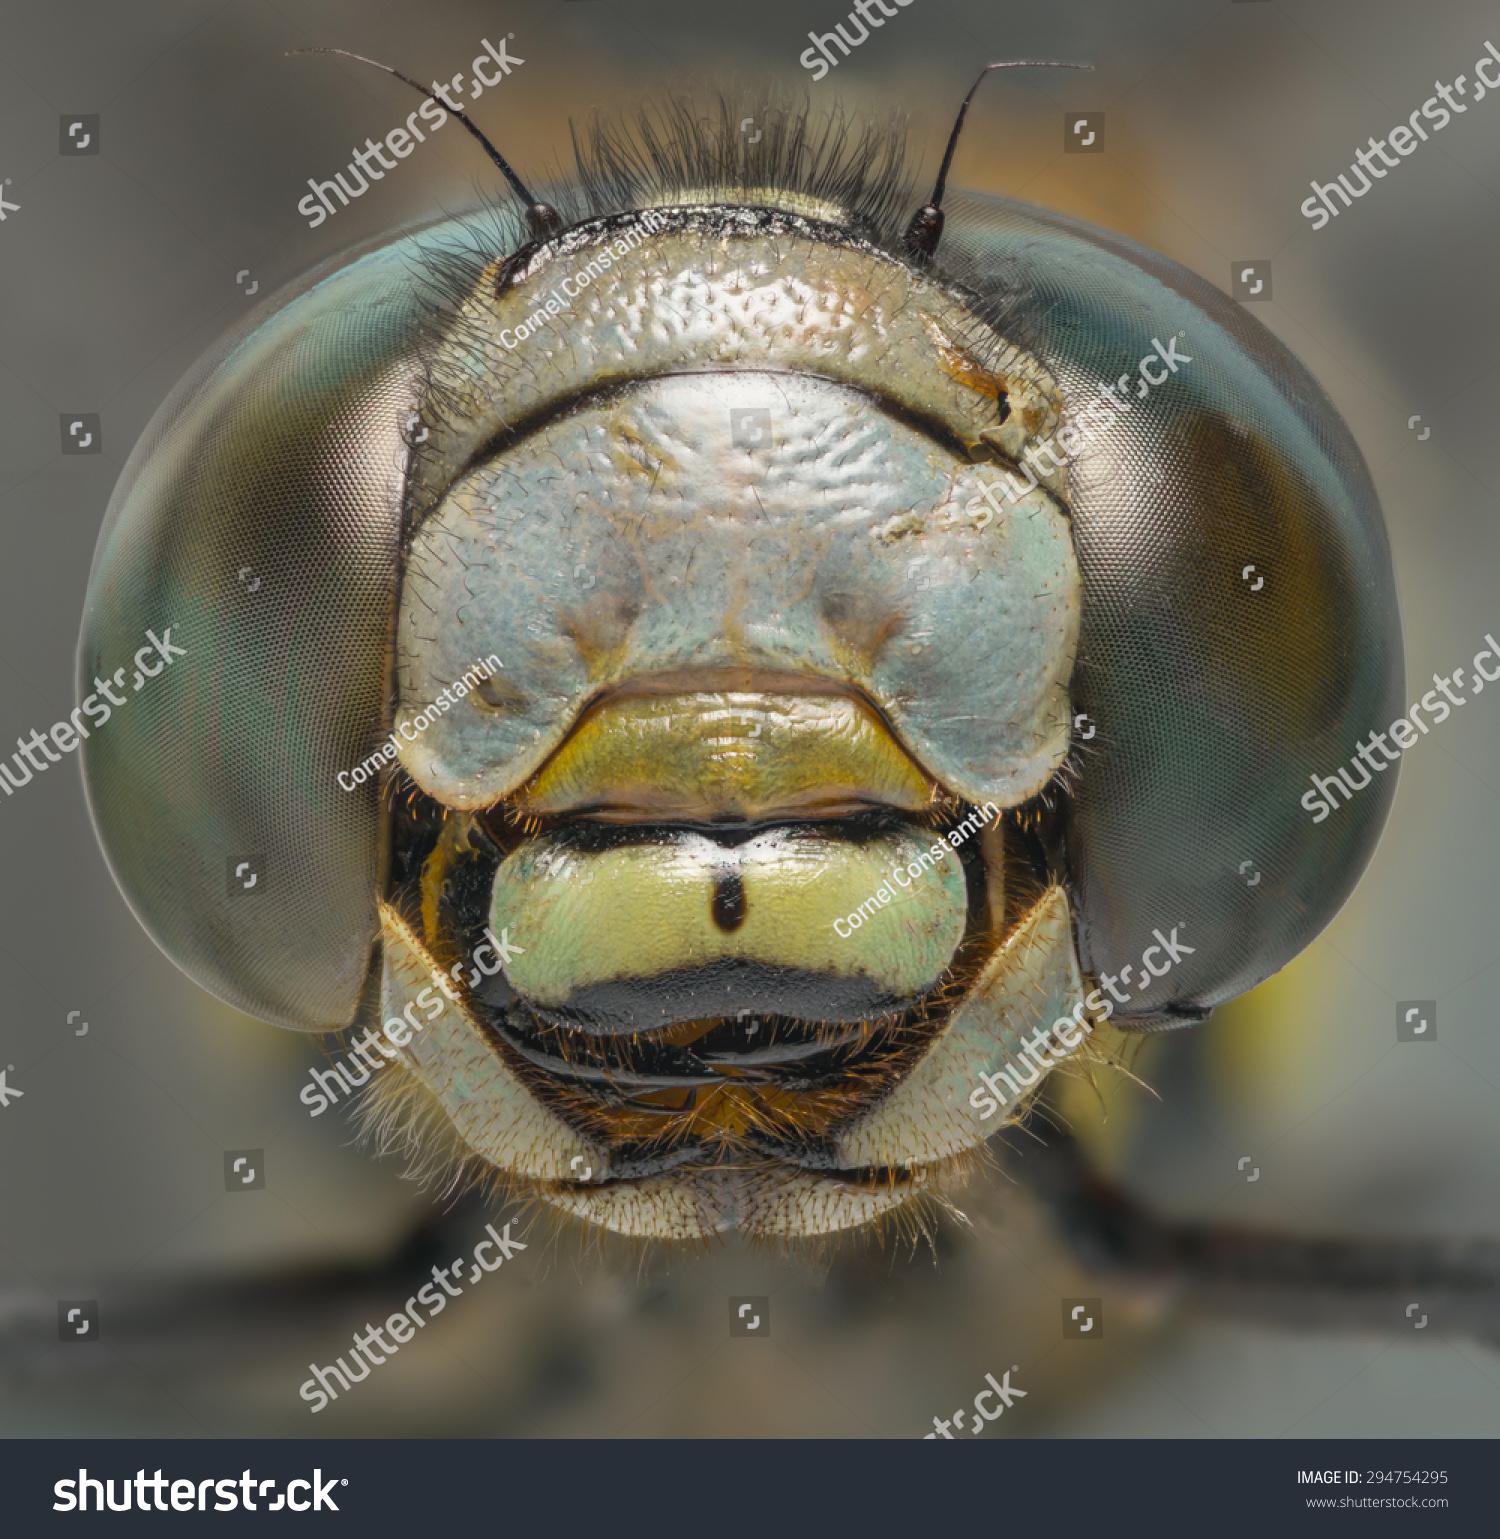 蜻蜓宏观的头开枪前视图-动物/野生生物,自然-海洛()